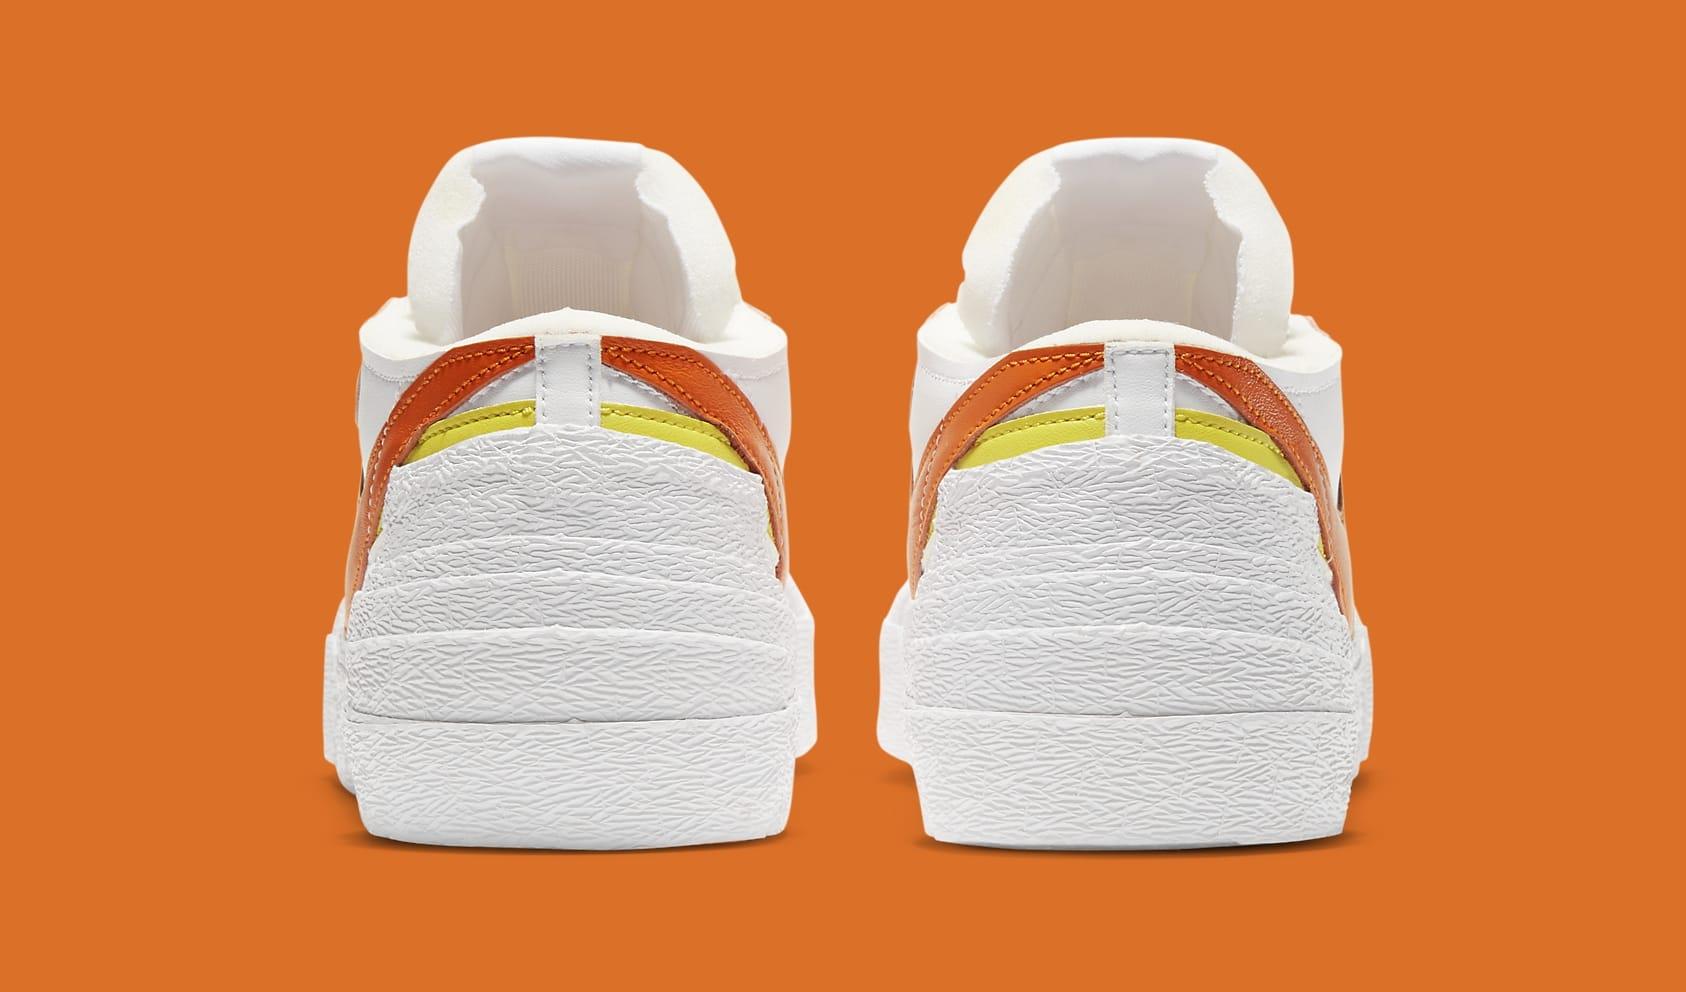 Sacai x Nike Blazer Low 'Magma Orange' DD1877-100 Heel